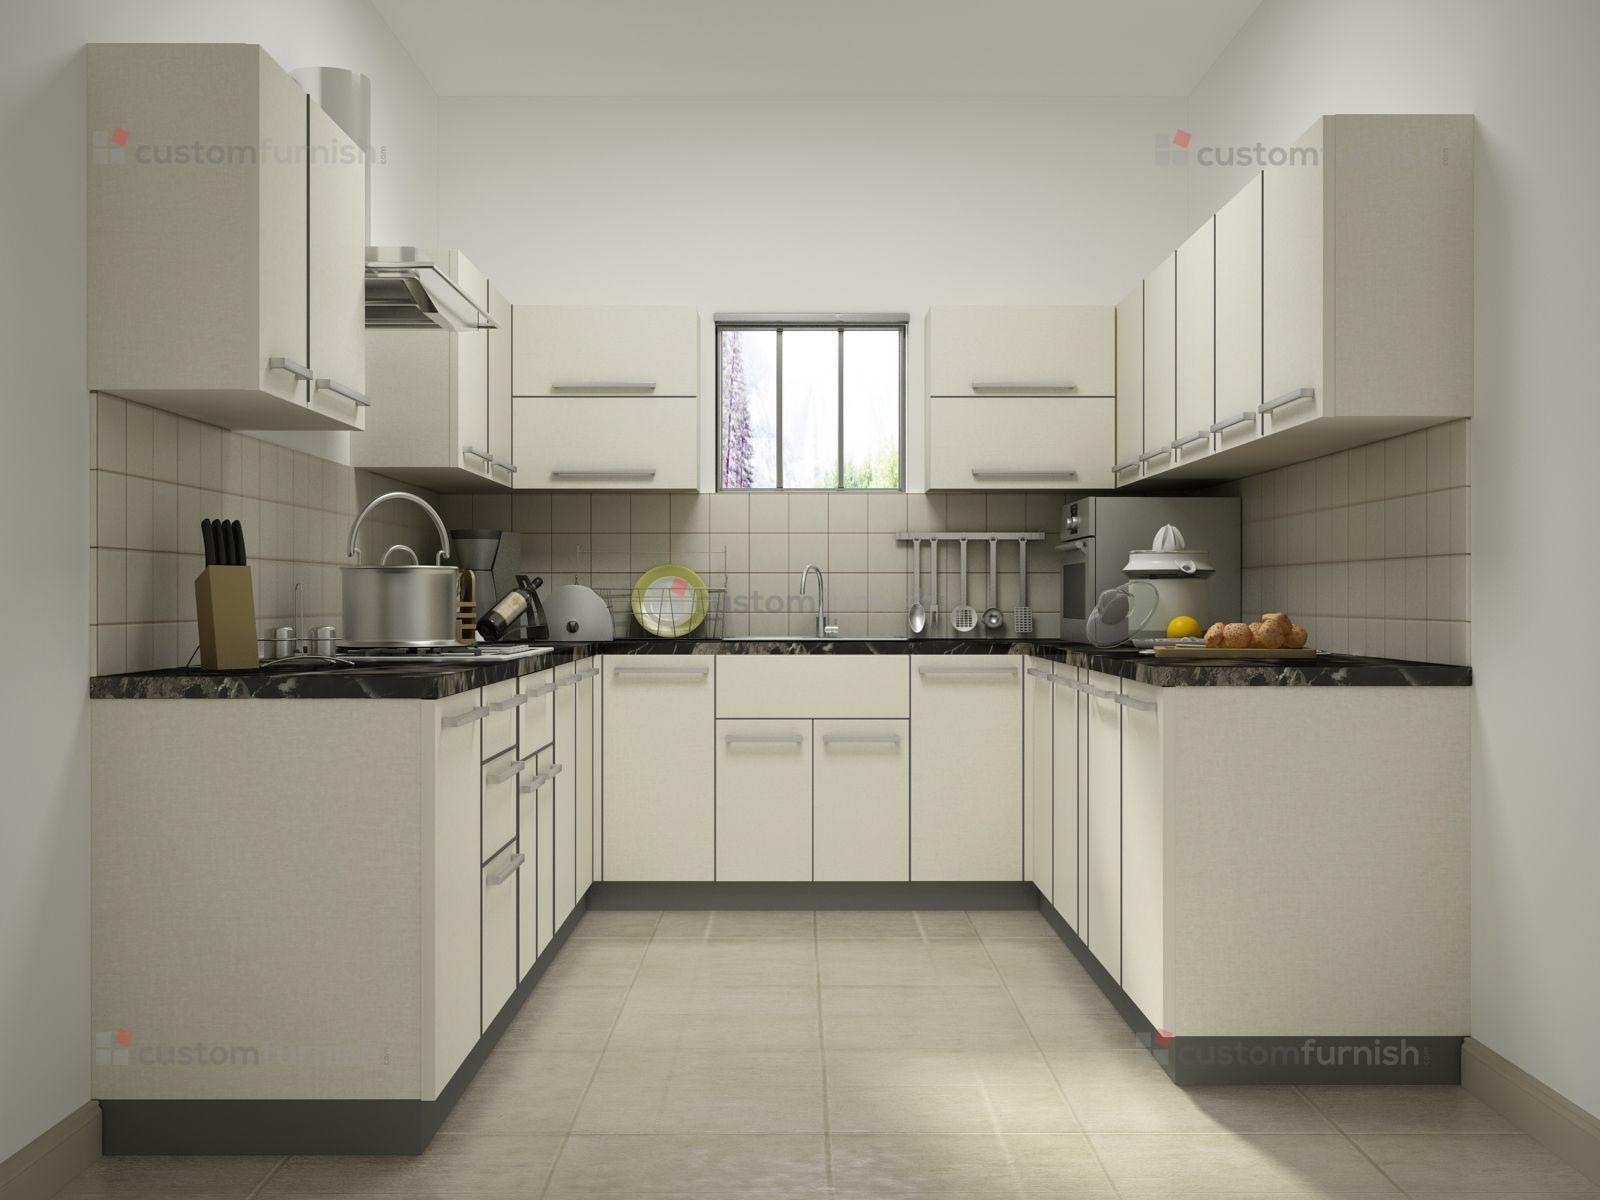 White U Shaped Design Best Kitchen Layout Kitchen Designs Layout Kitchen Design